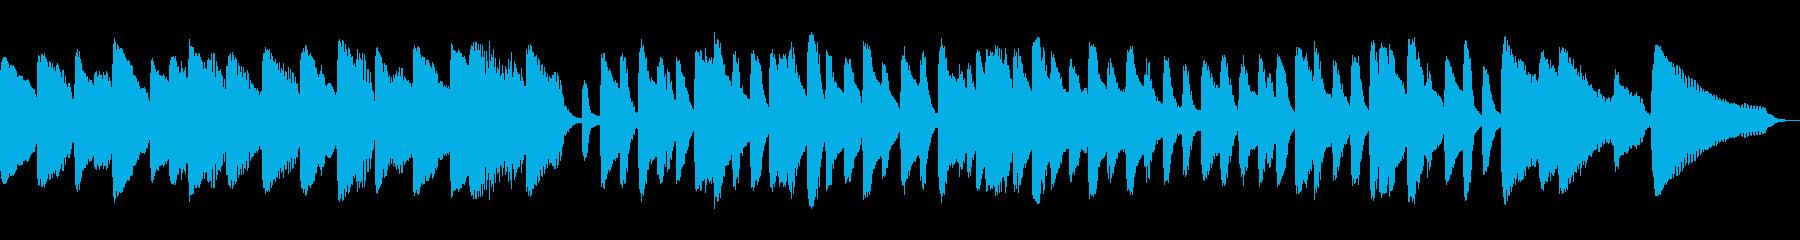 ちょっと和風のピアノ独奏曲「あやとり」の再生済みの波形